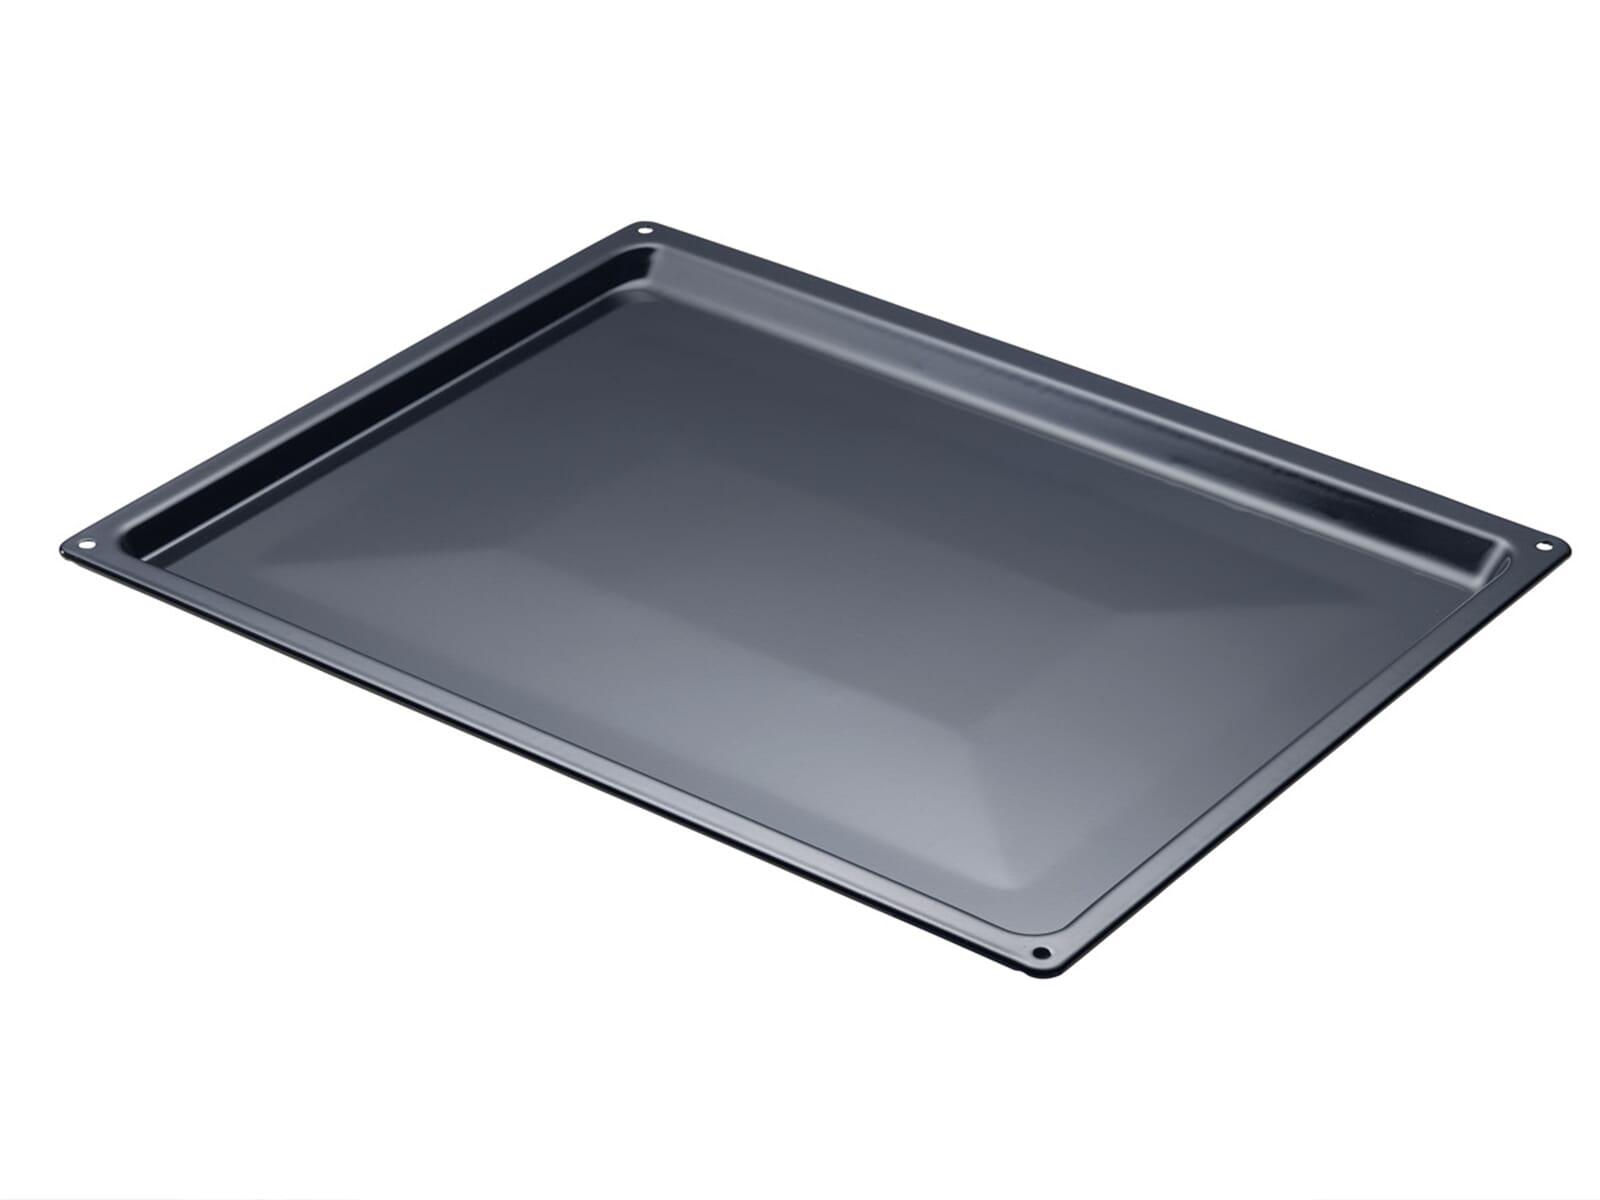 Das Backblech passt in alle Backöfen mit einer Breite von 50 cm.